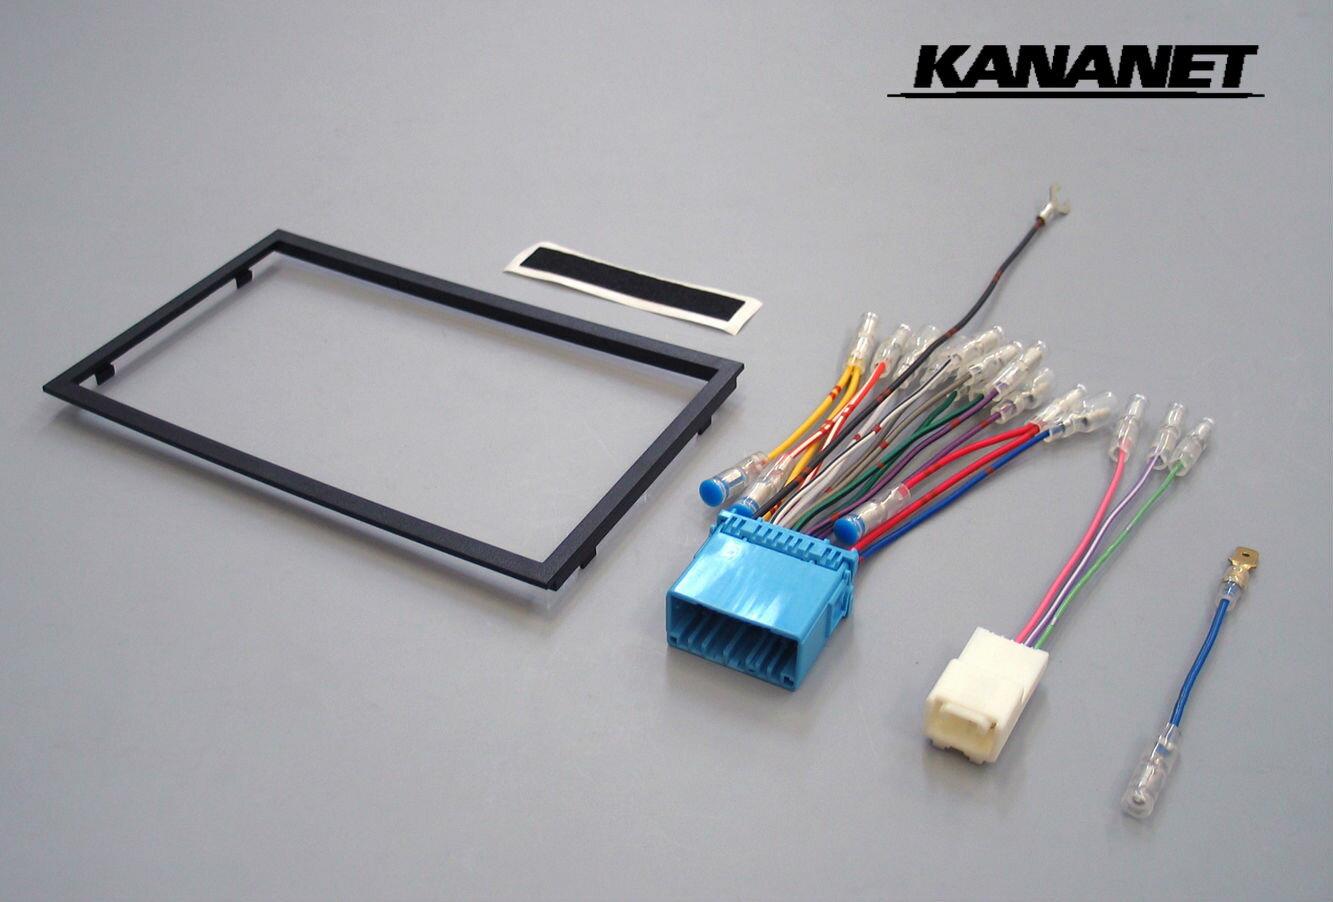 カナネット/KANANET UA-S71D スズキ車汎用 カーAV取付キット